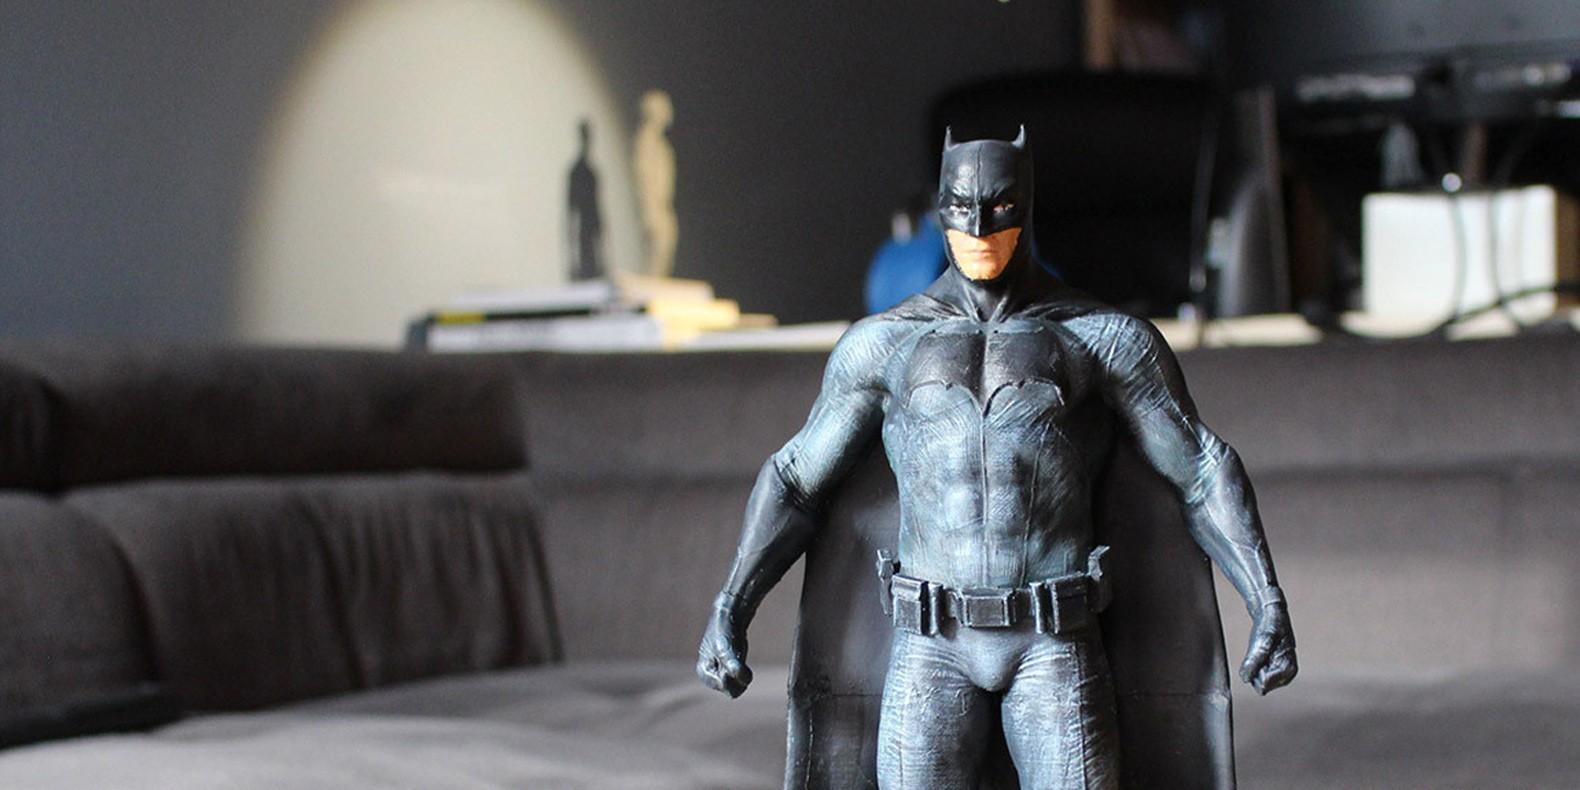 Encuentre aquí una selección de los mejores modelos 3D de Batman para hacer con una impresora 3D